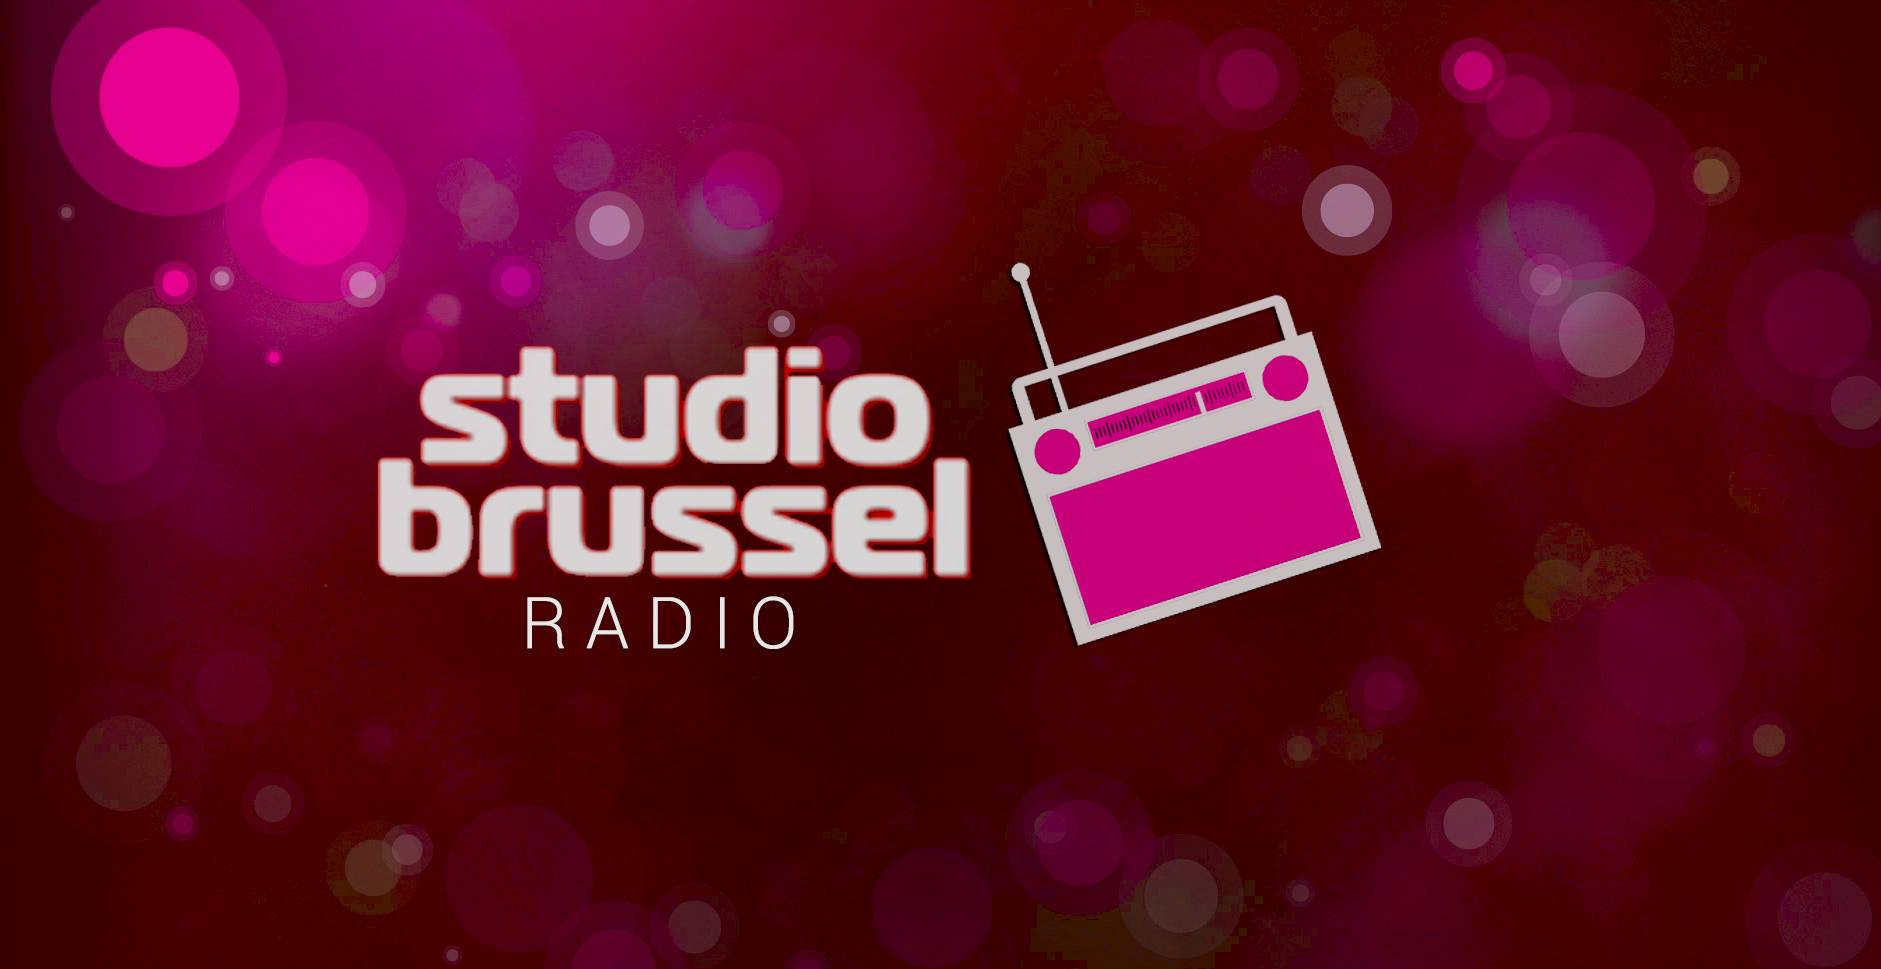 Studio Brussel